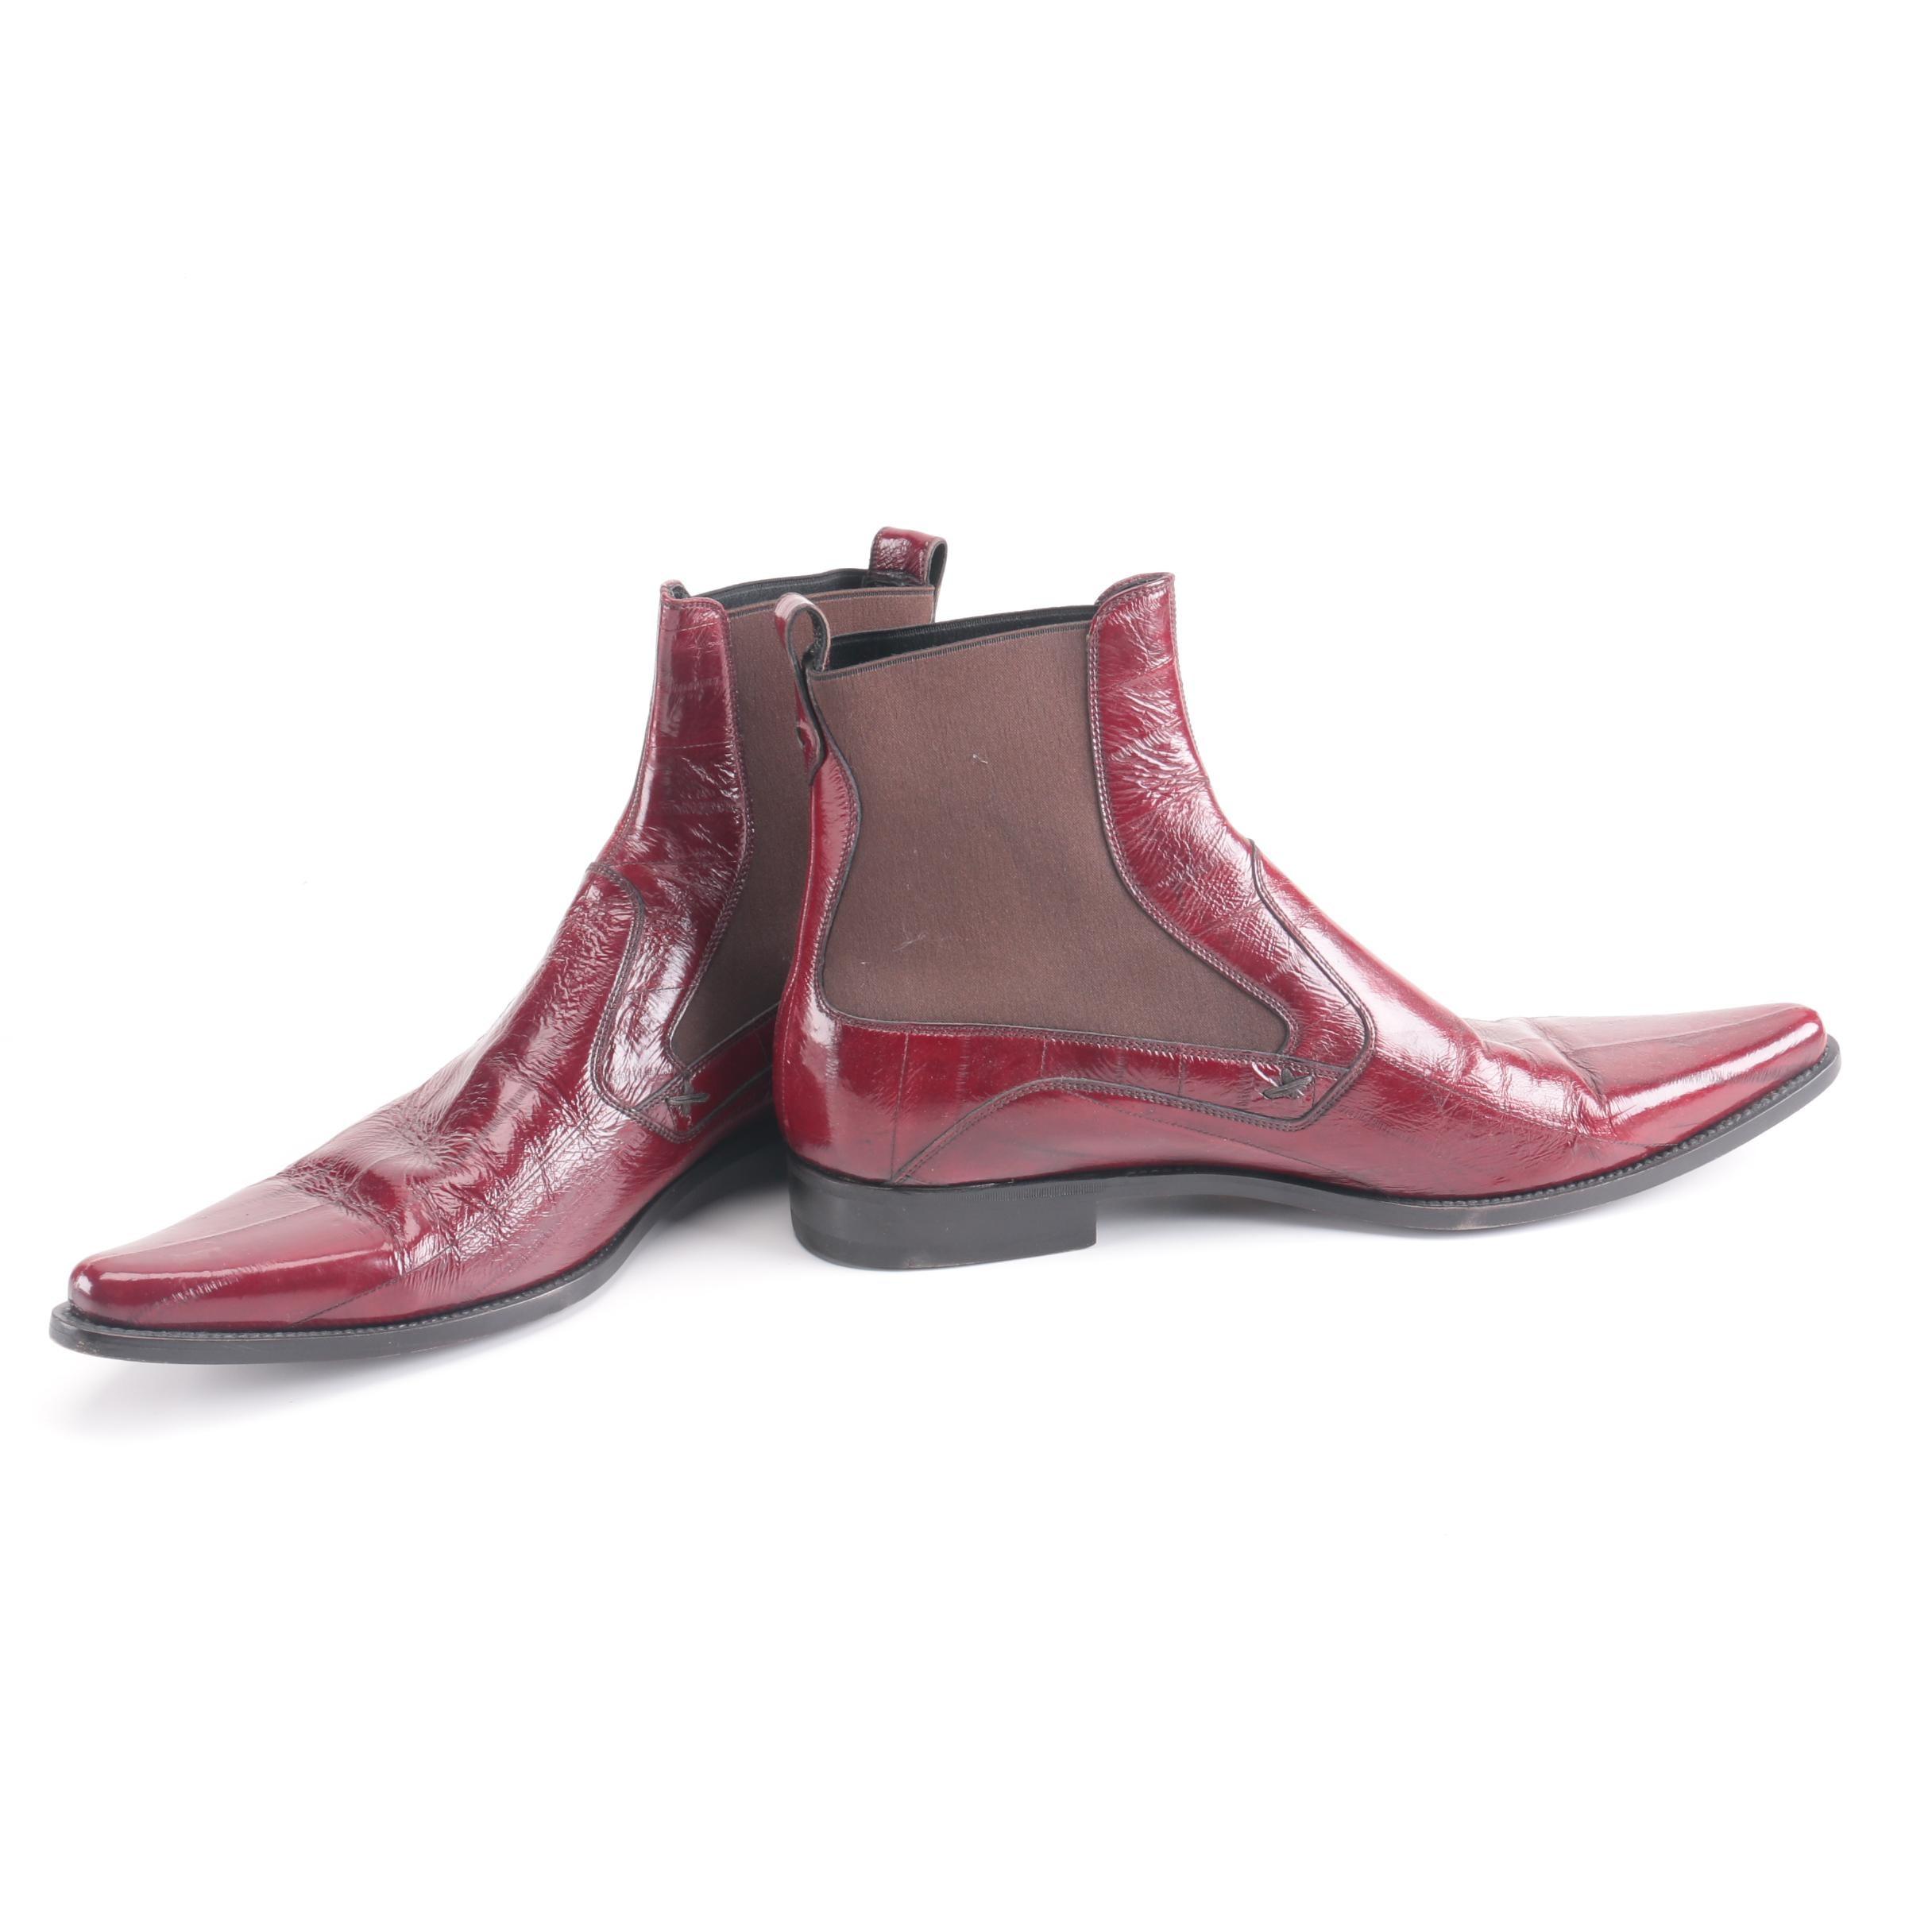 Dolce & Gabbana Eel Skin Boots